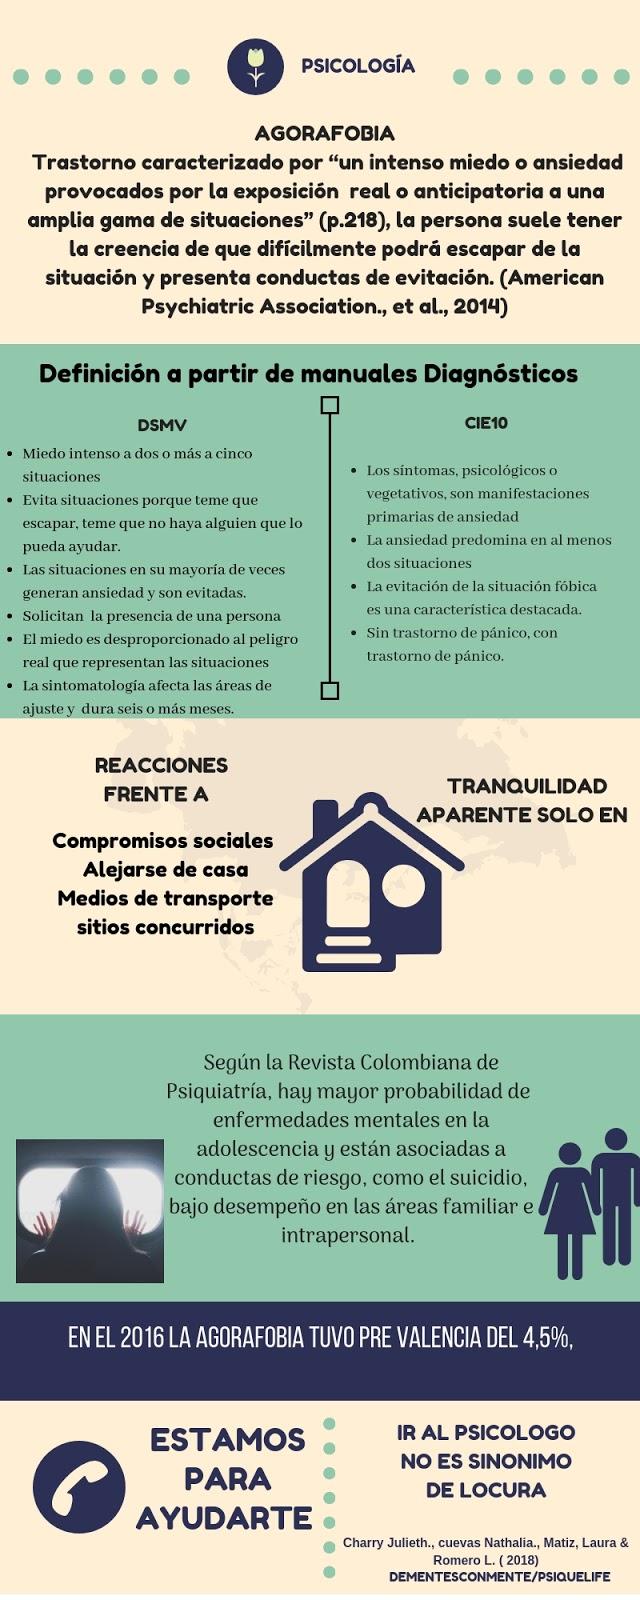 Intervencion Clinica De Agorafobia Basada En Fundamentos Teoricos De La Terapia Breve